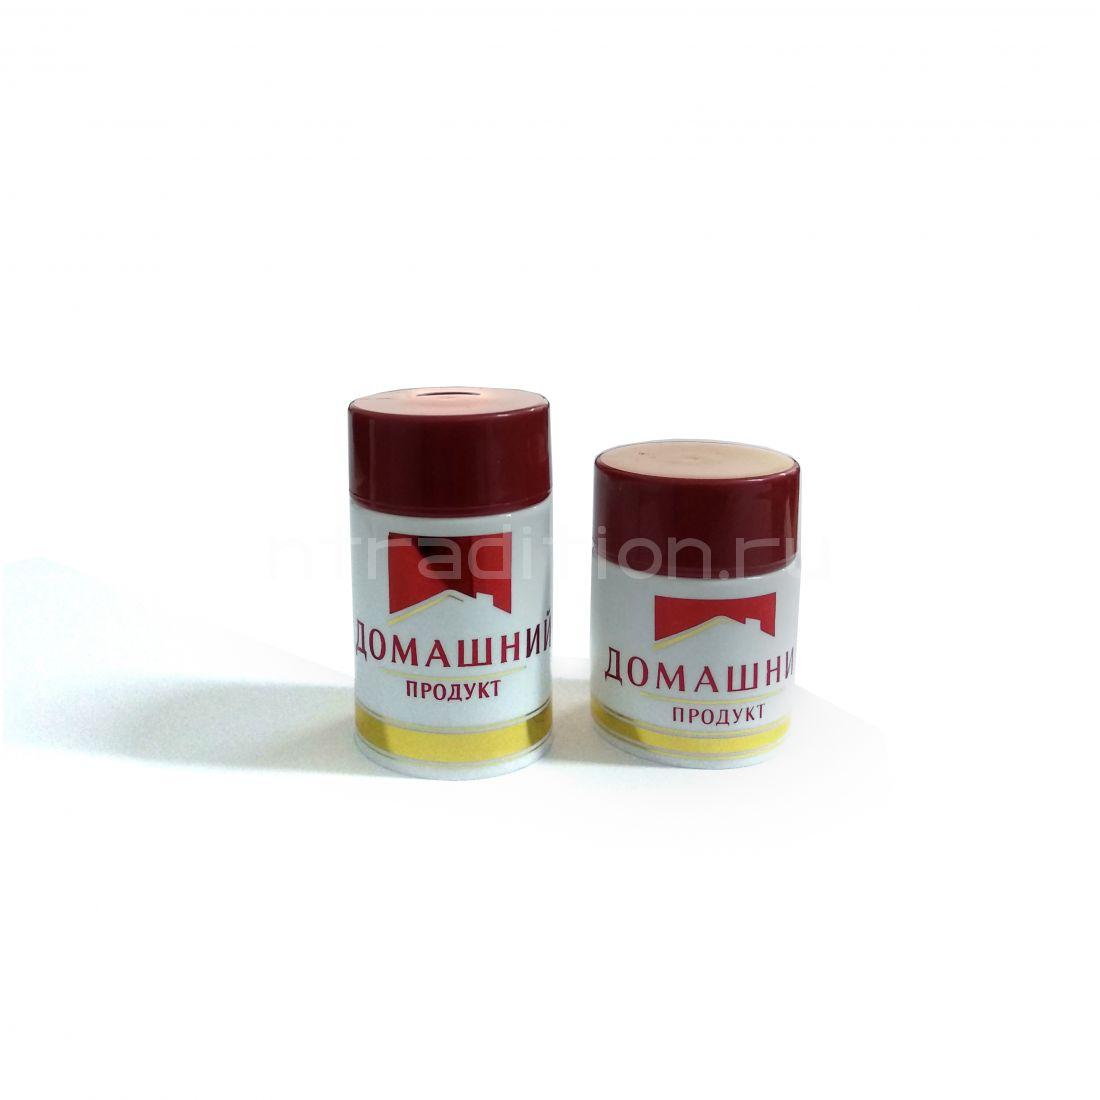 Колпачок с дозатором Домашний продукт бордовый (Гуала 58 мм) / 10 шт